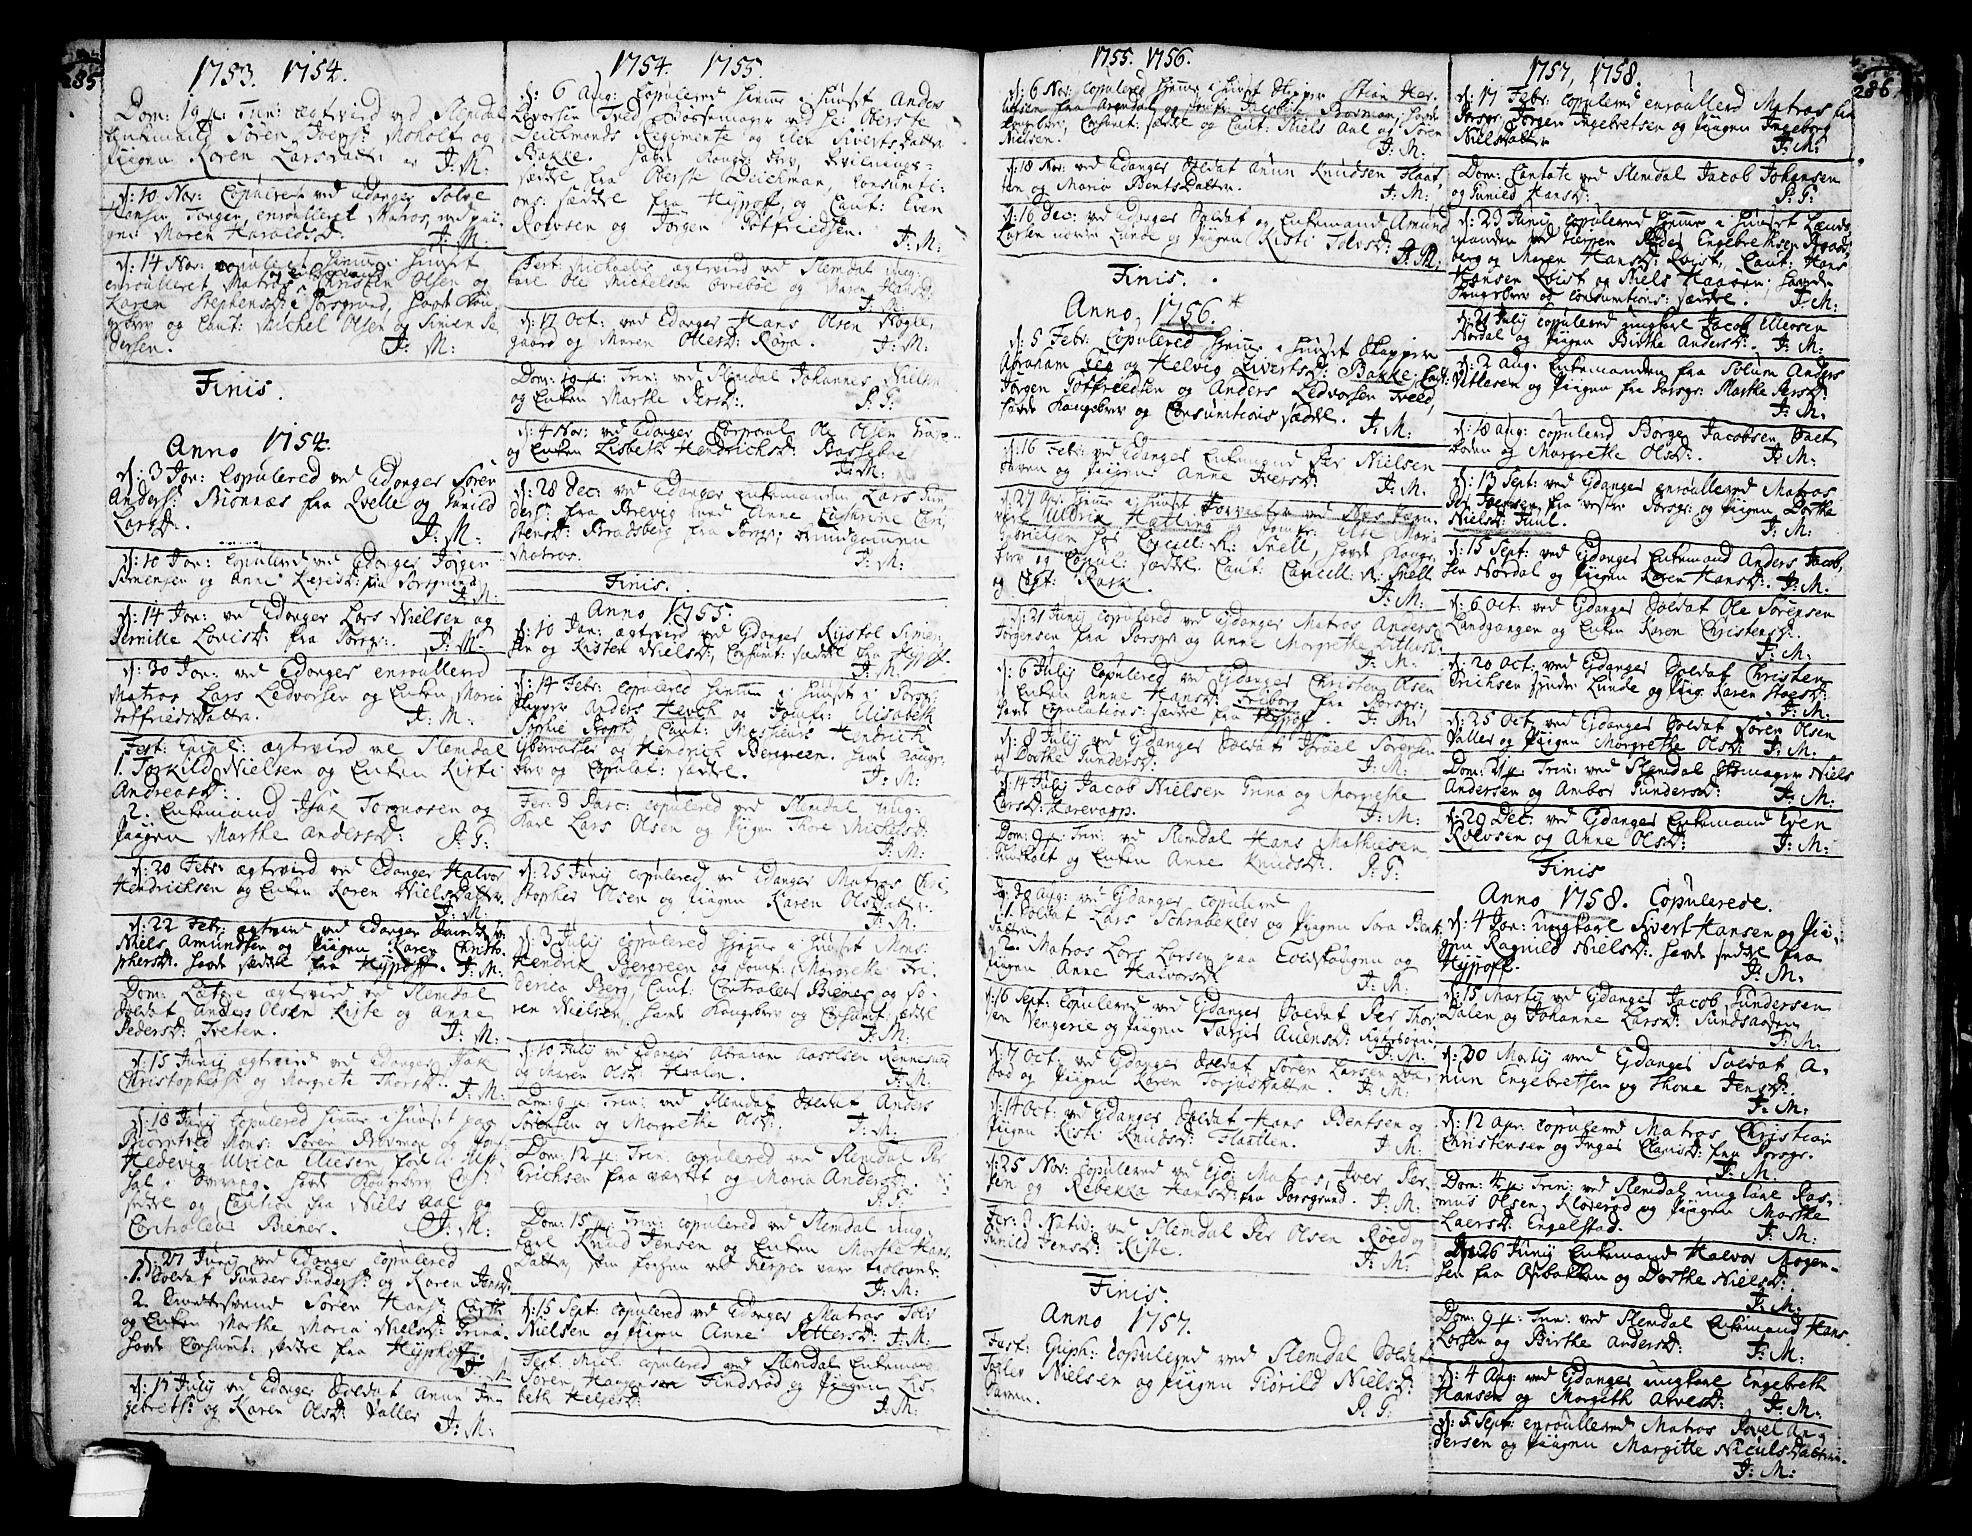 SAKO, Eidanger kirkebøker, F/Fa/L0004: Ministerialbok nr. 4, 1733-1759, s. 285-286